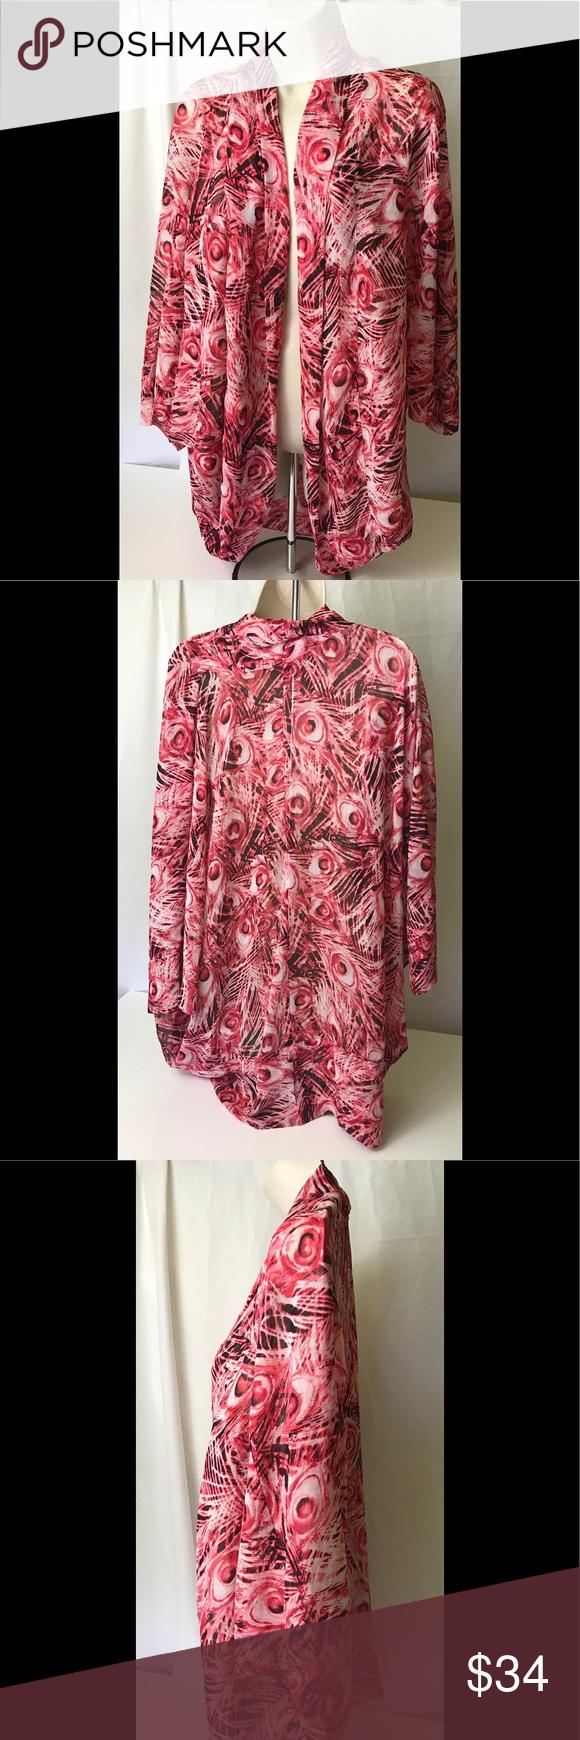 Zac Rachel Multi Pink Open Blouse Size Large In 2018 My Posh